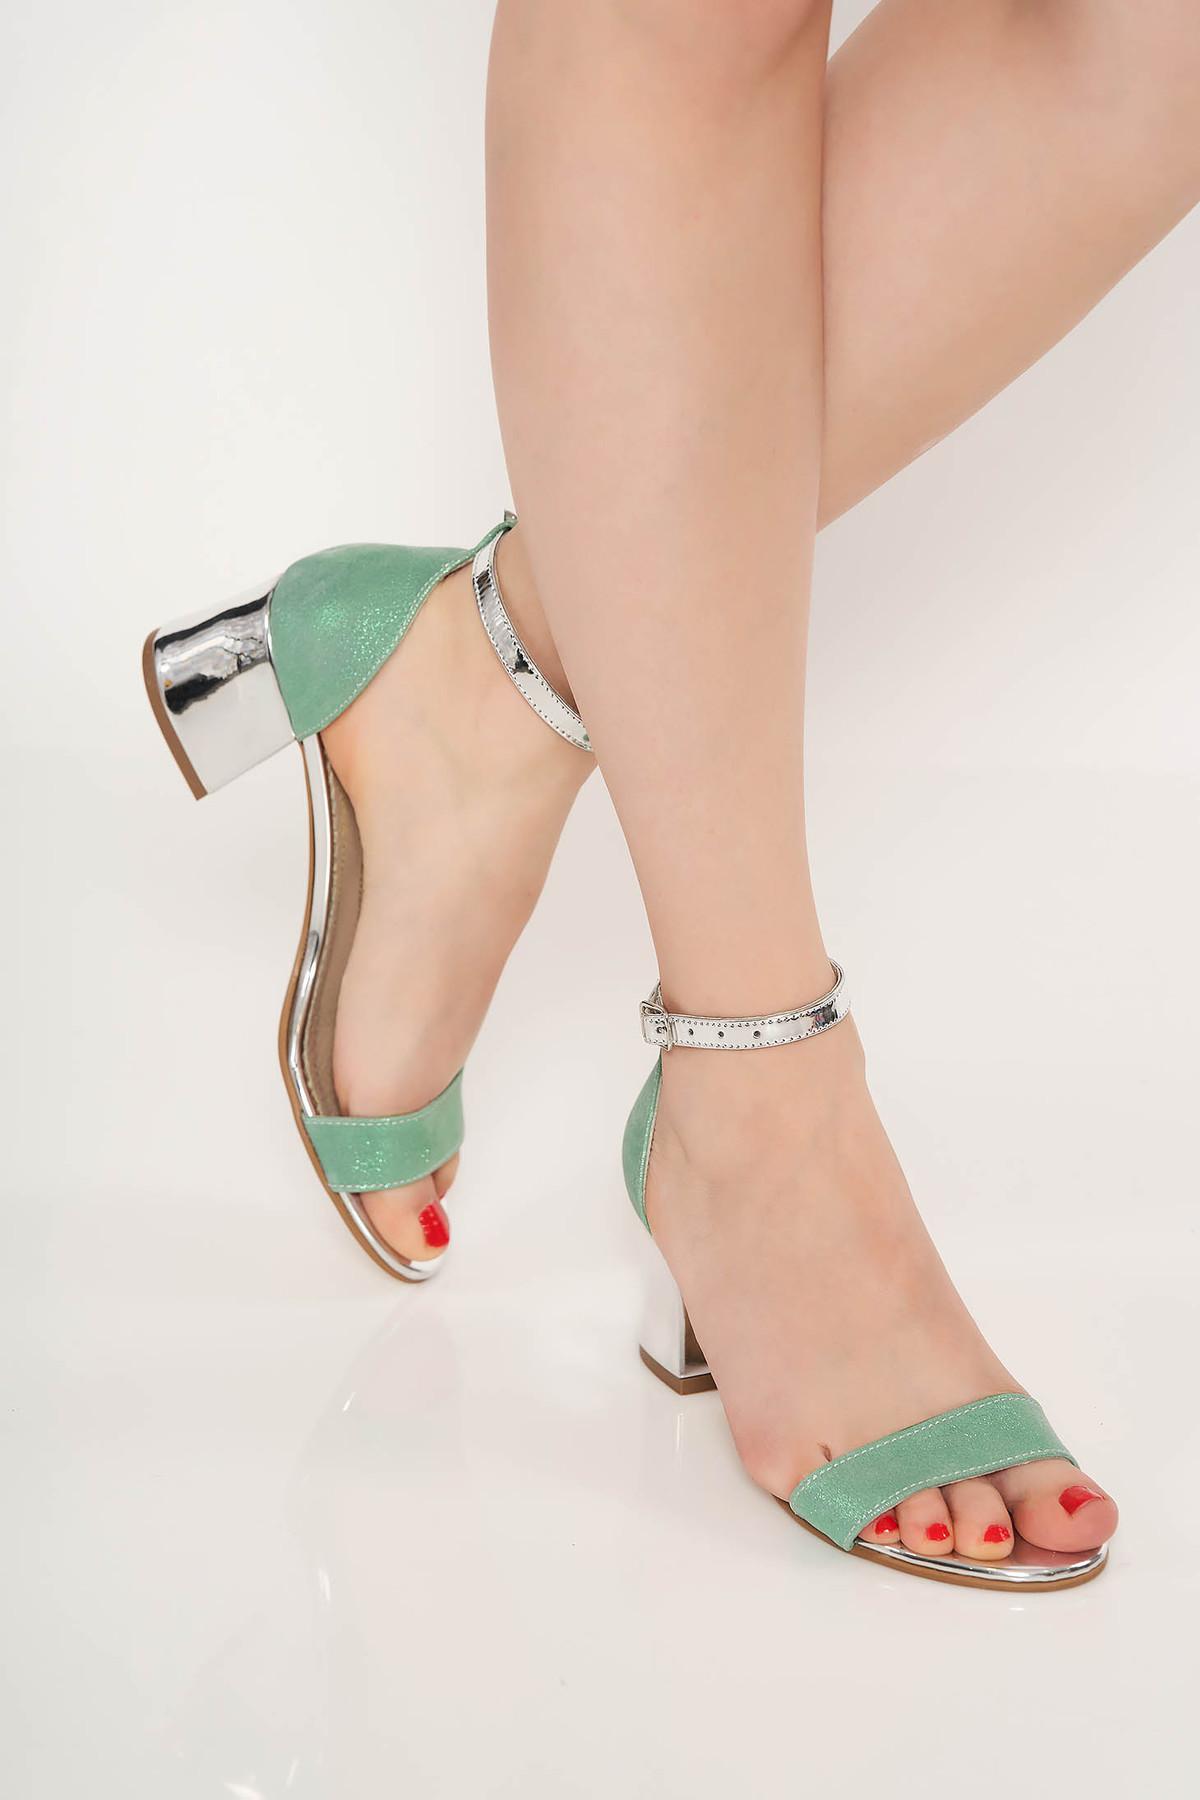 Sandale mint de ocazie din piele naturala cu toc gros